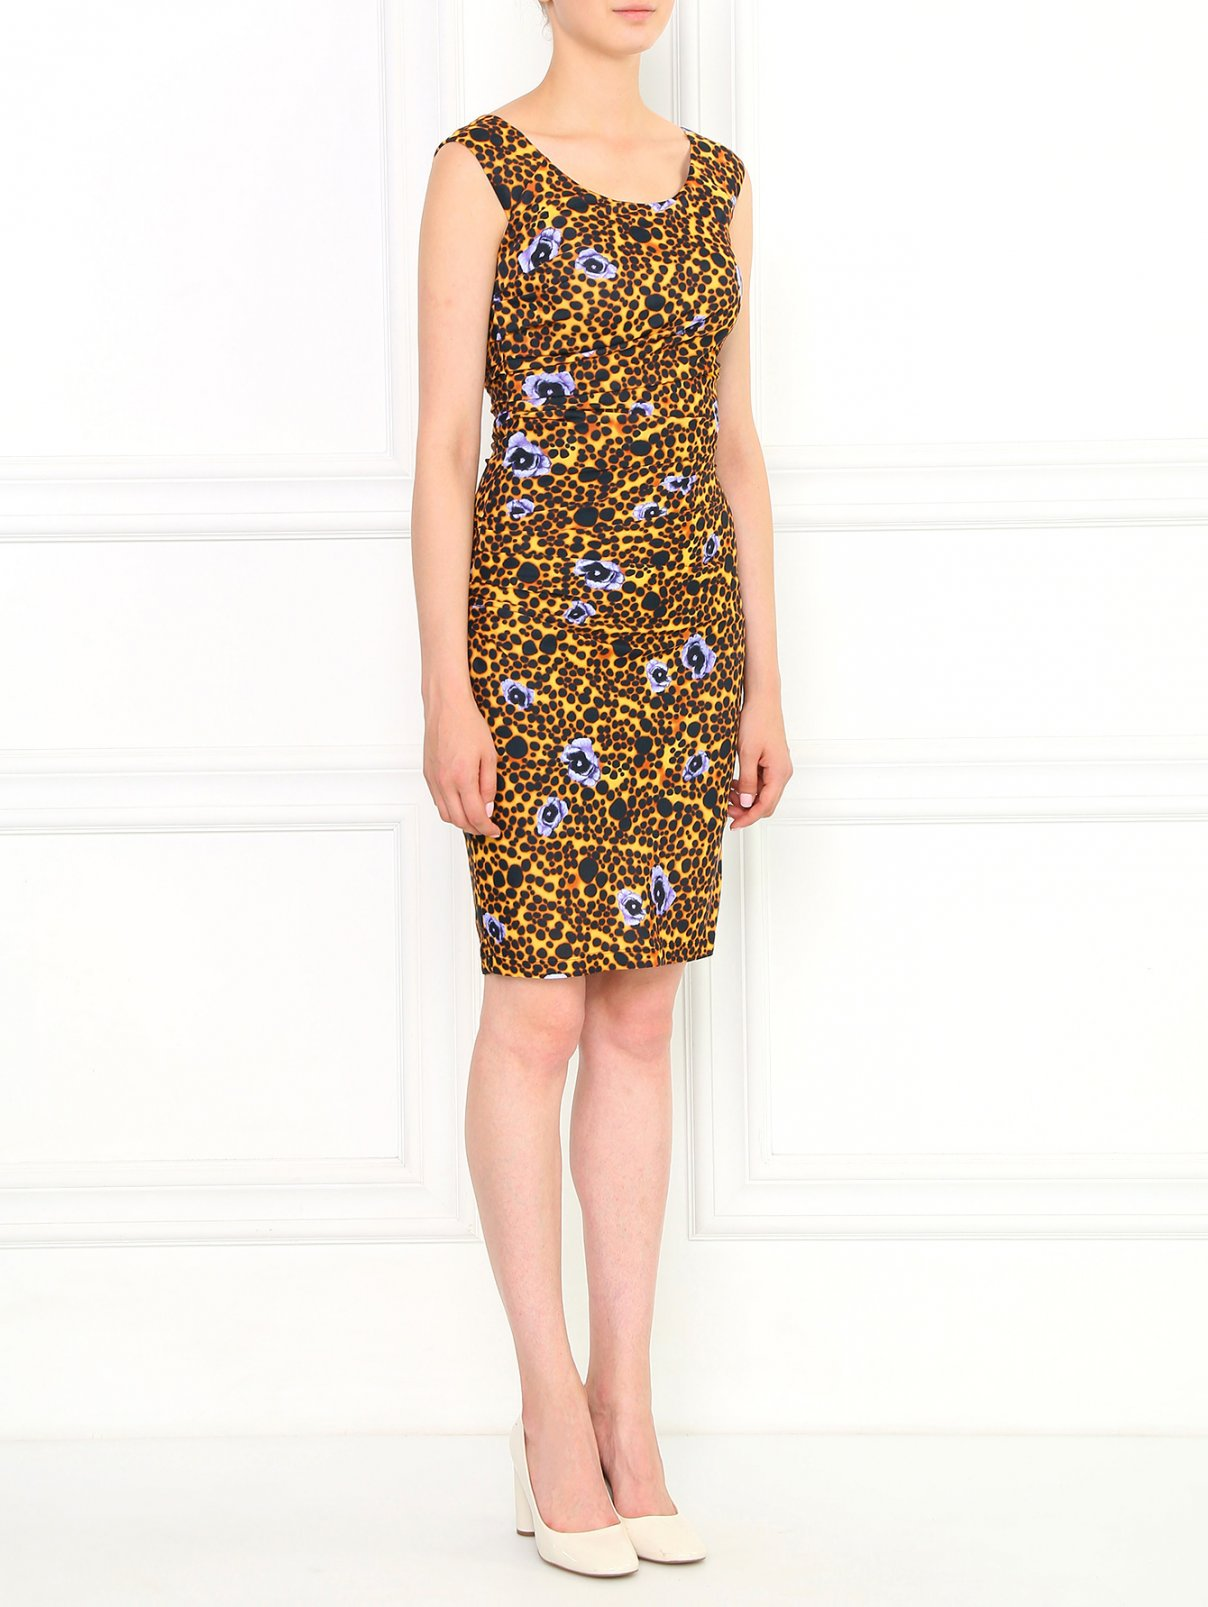 Трикотажное платье с анималистичным узором Versace Collection  –  Модель Общий вид  – Цвет:  Узор